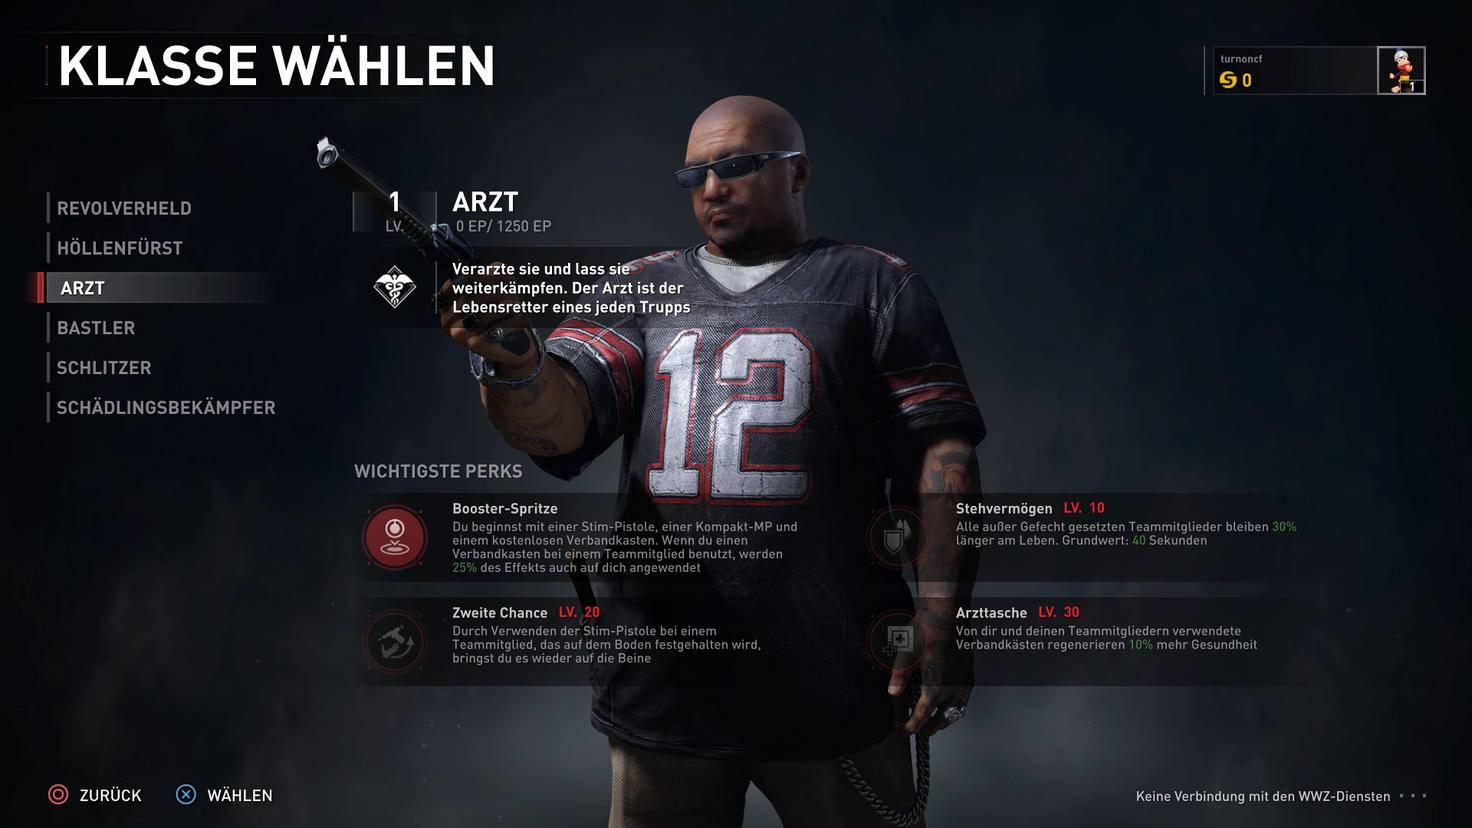 """Sechs Klassen gibt es in """"World War Z"""". Das Aussehen der Spielfigur lässt sich unabhängig davon aus vorgefertigten Charaktermodellen wählen."""